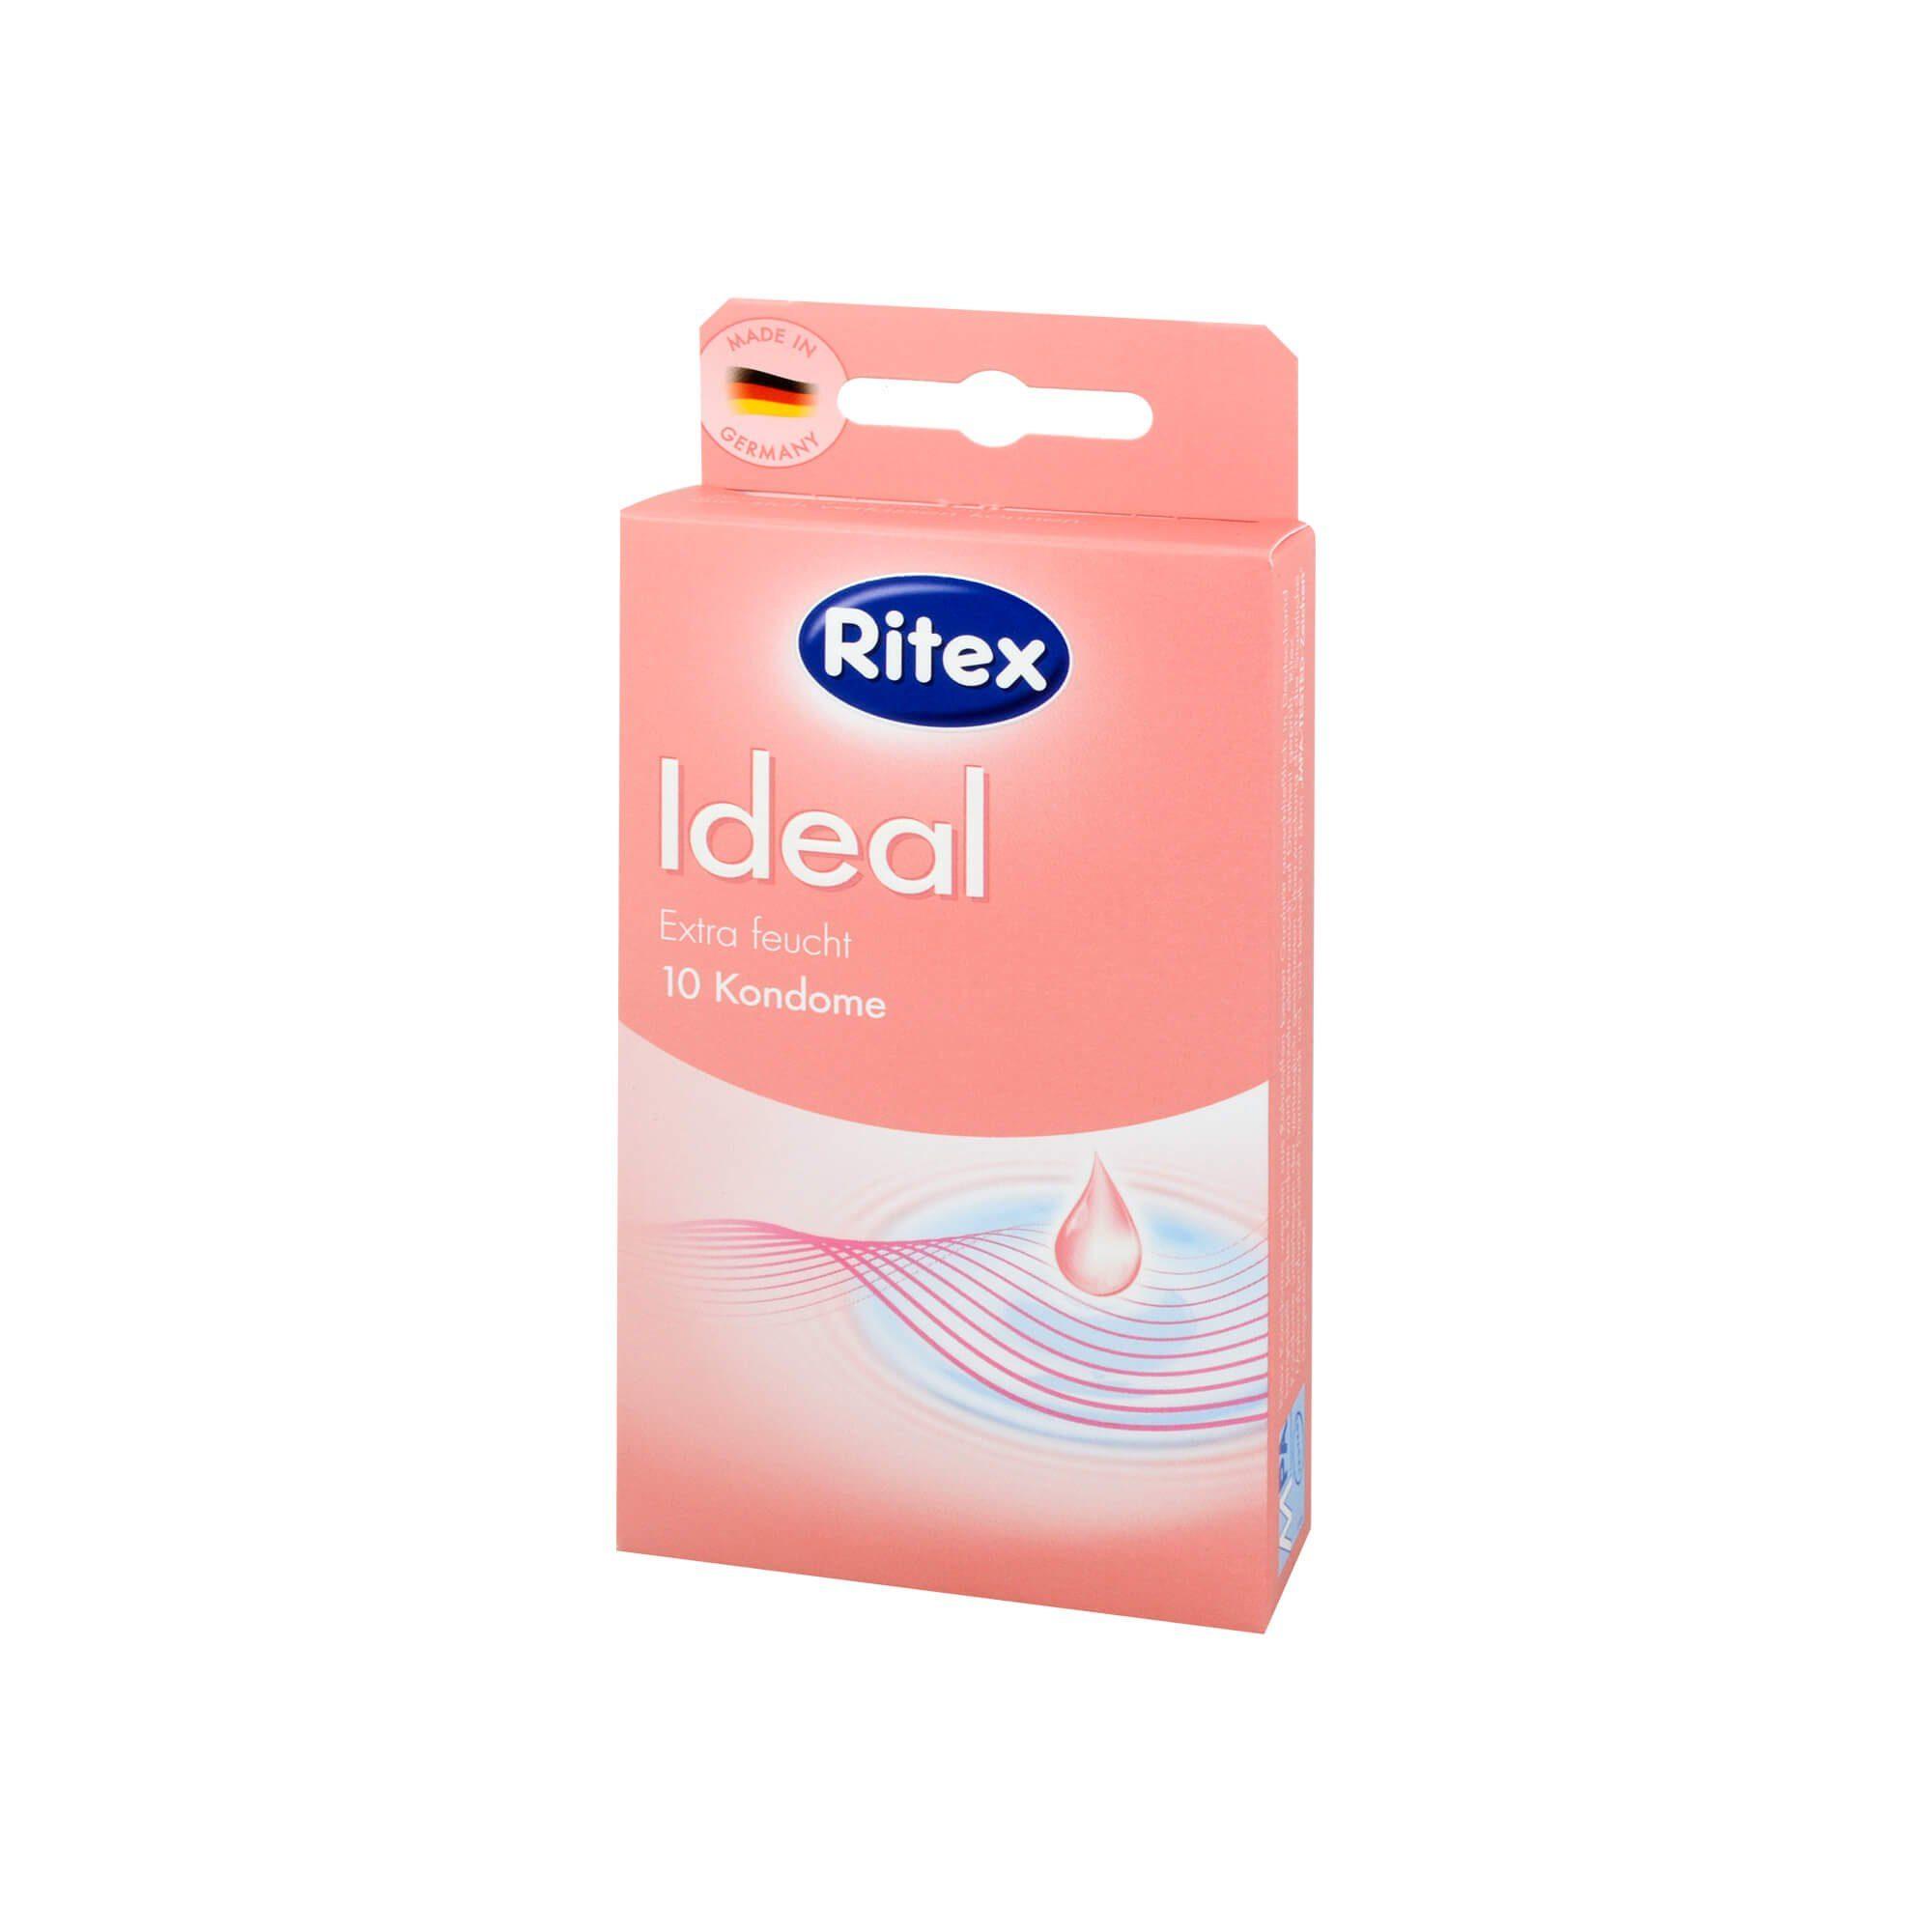 Ritex Ideal Kondome , 10 St